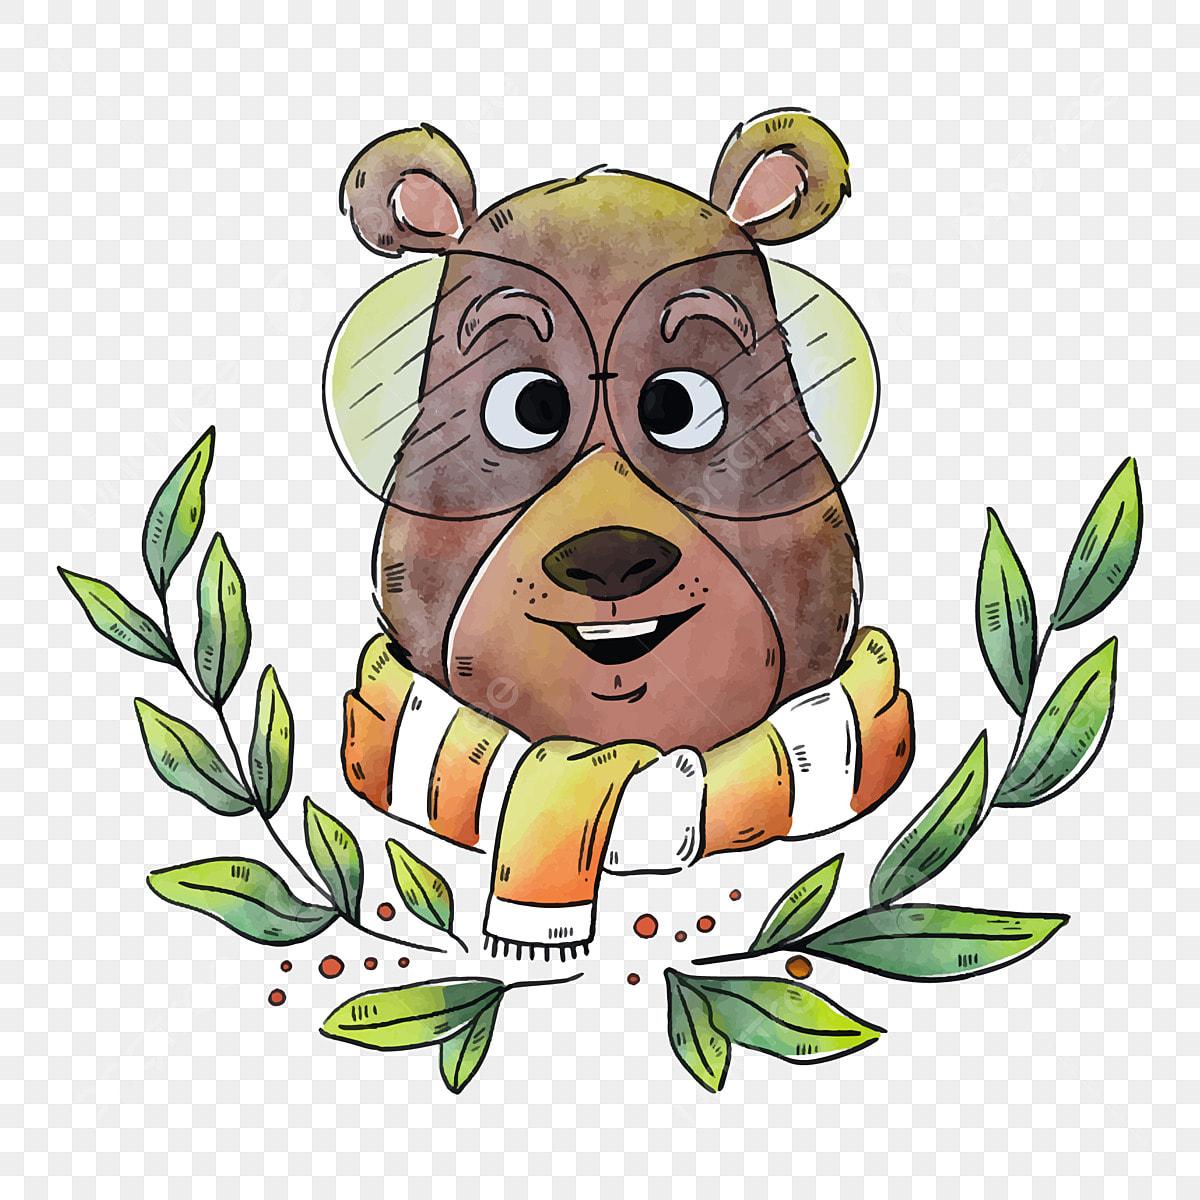 Urso Dos Desenhos Animados Urso Com Um Lenco Urso Com Oculos Avatar De Urso Dos Desenhos Animados Urso Com Um Lenco Oculos Pintados A Mao Folhas Verdes Imagem Png E Vetor Para